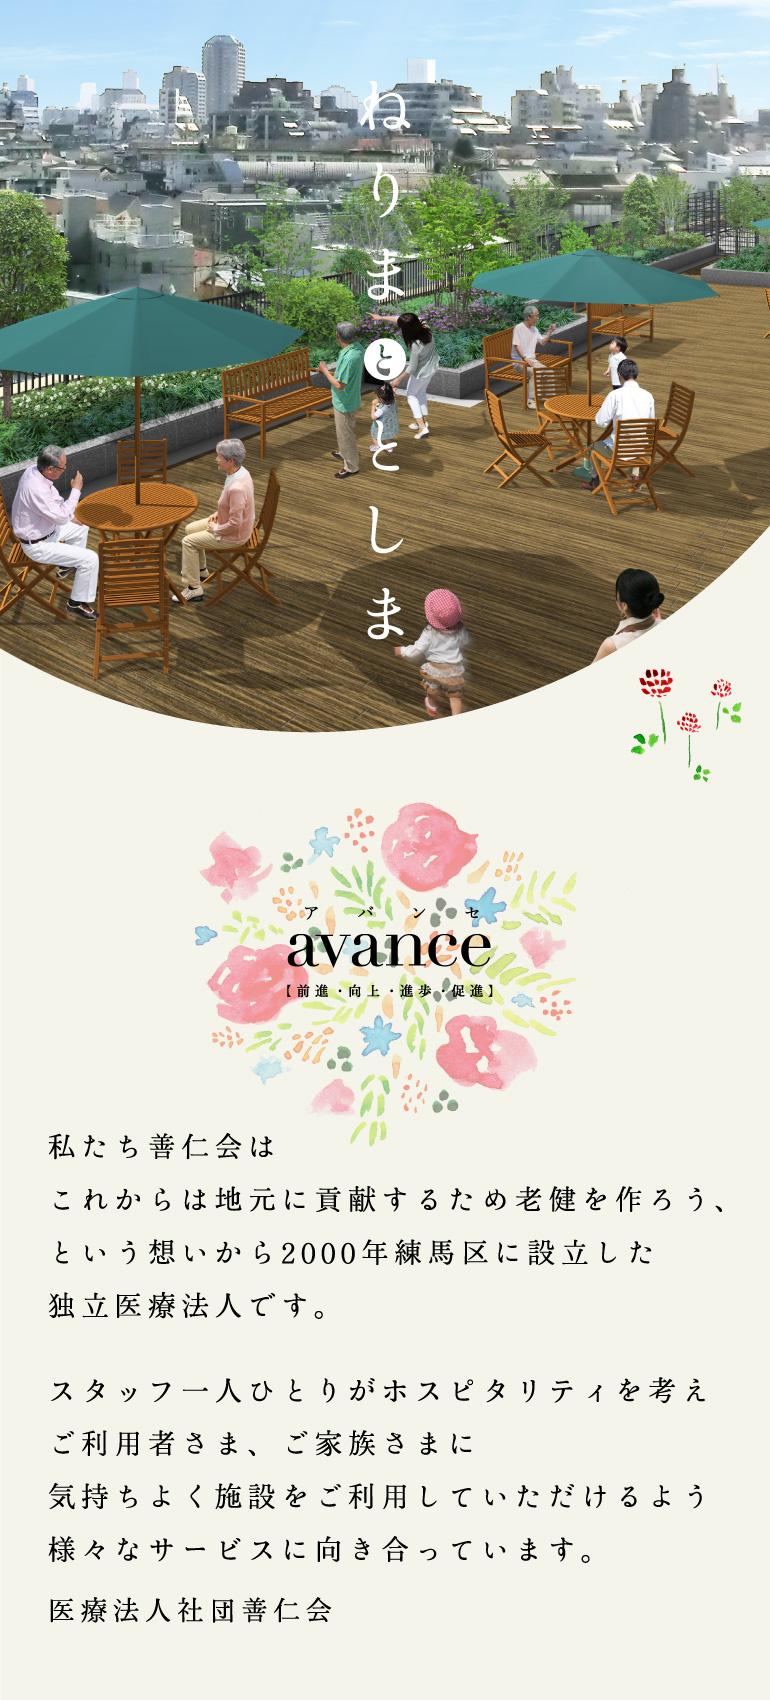 医療法人社団善仁会images